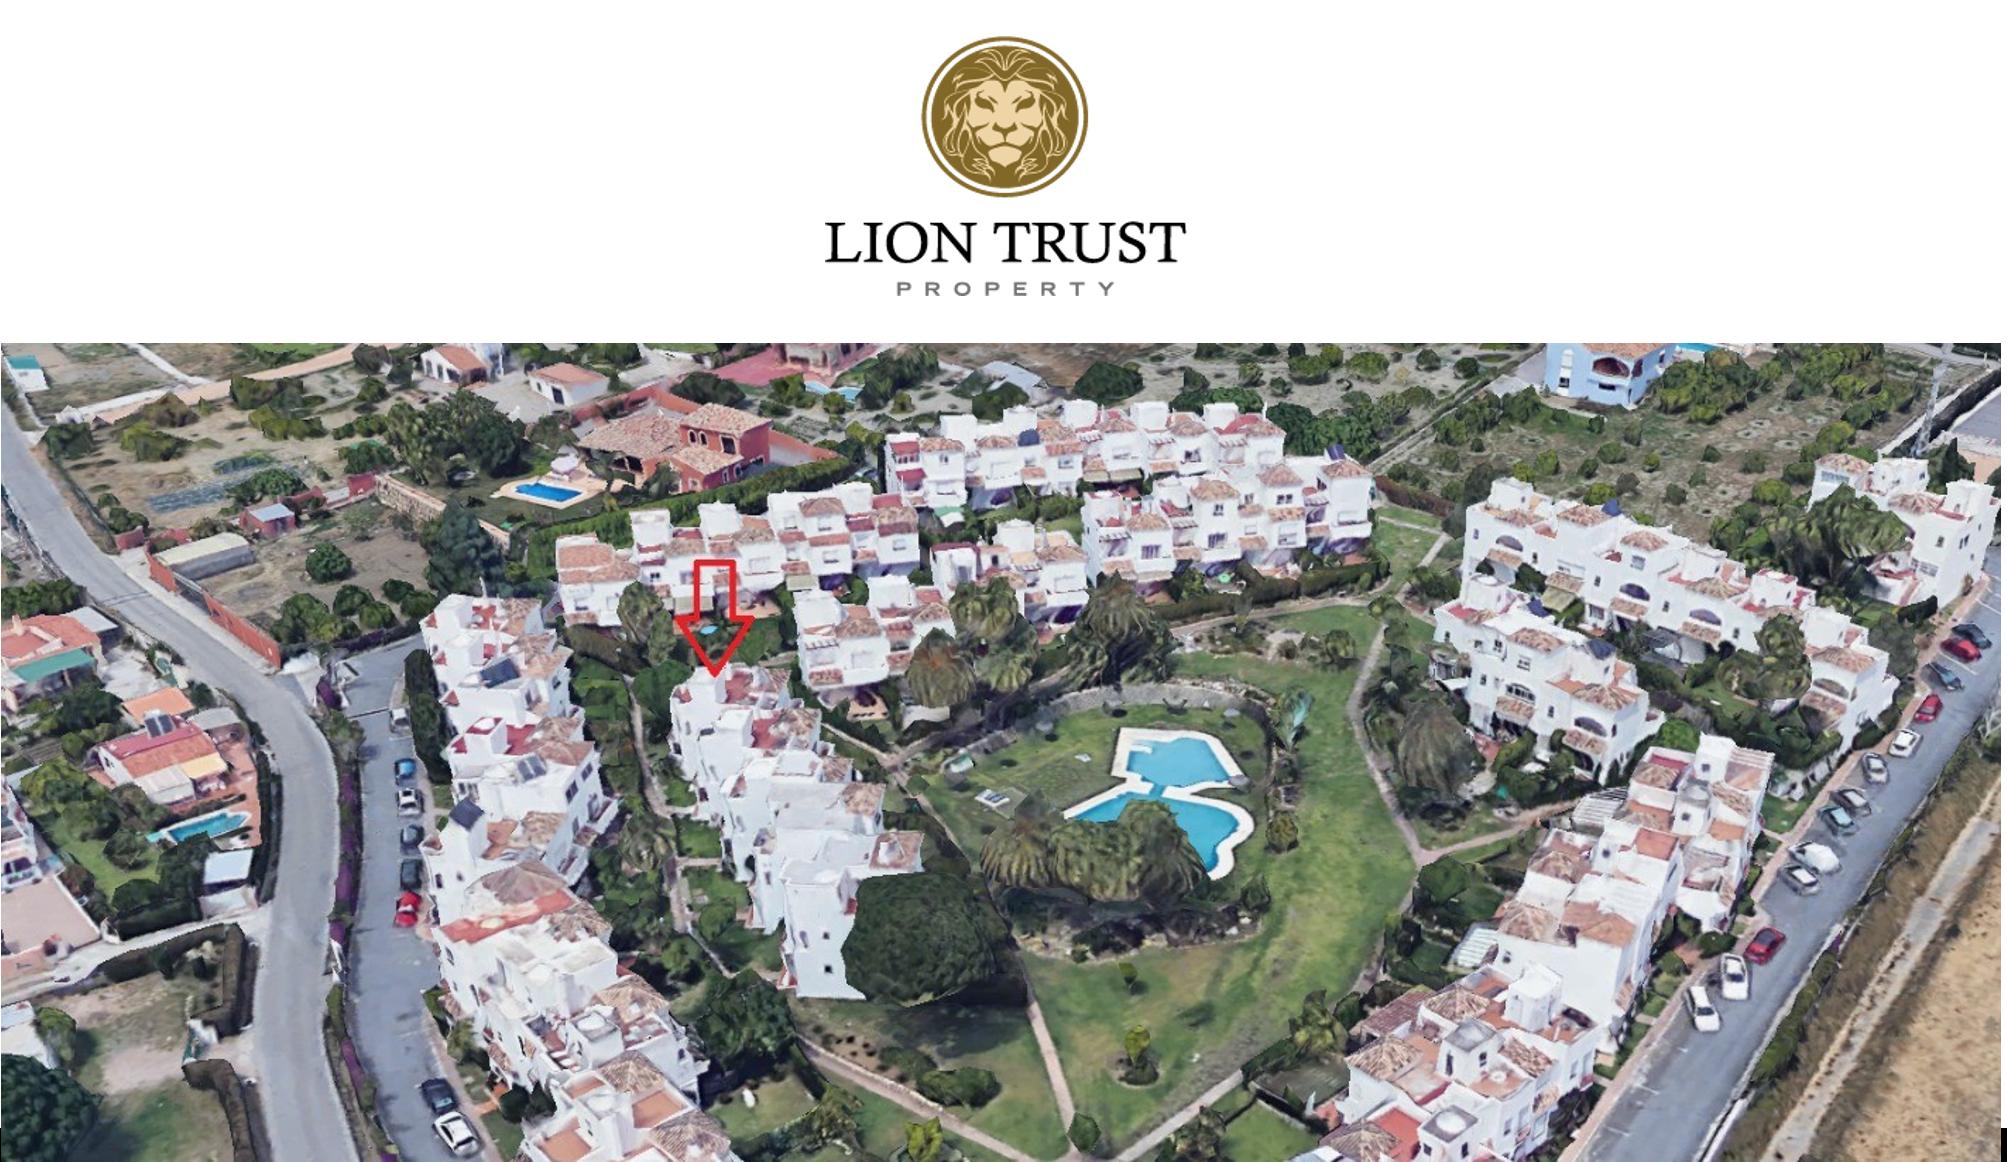 6a 1 - Lion Trust Spain